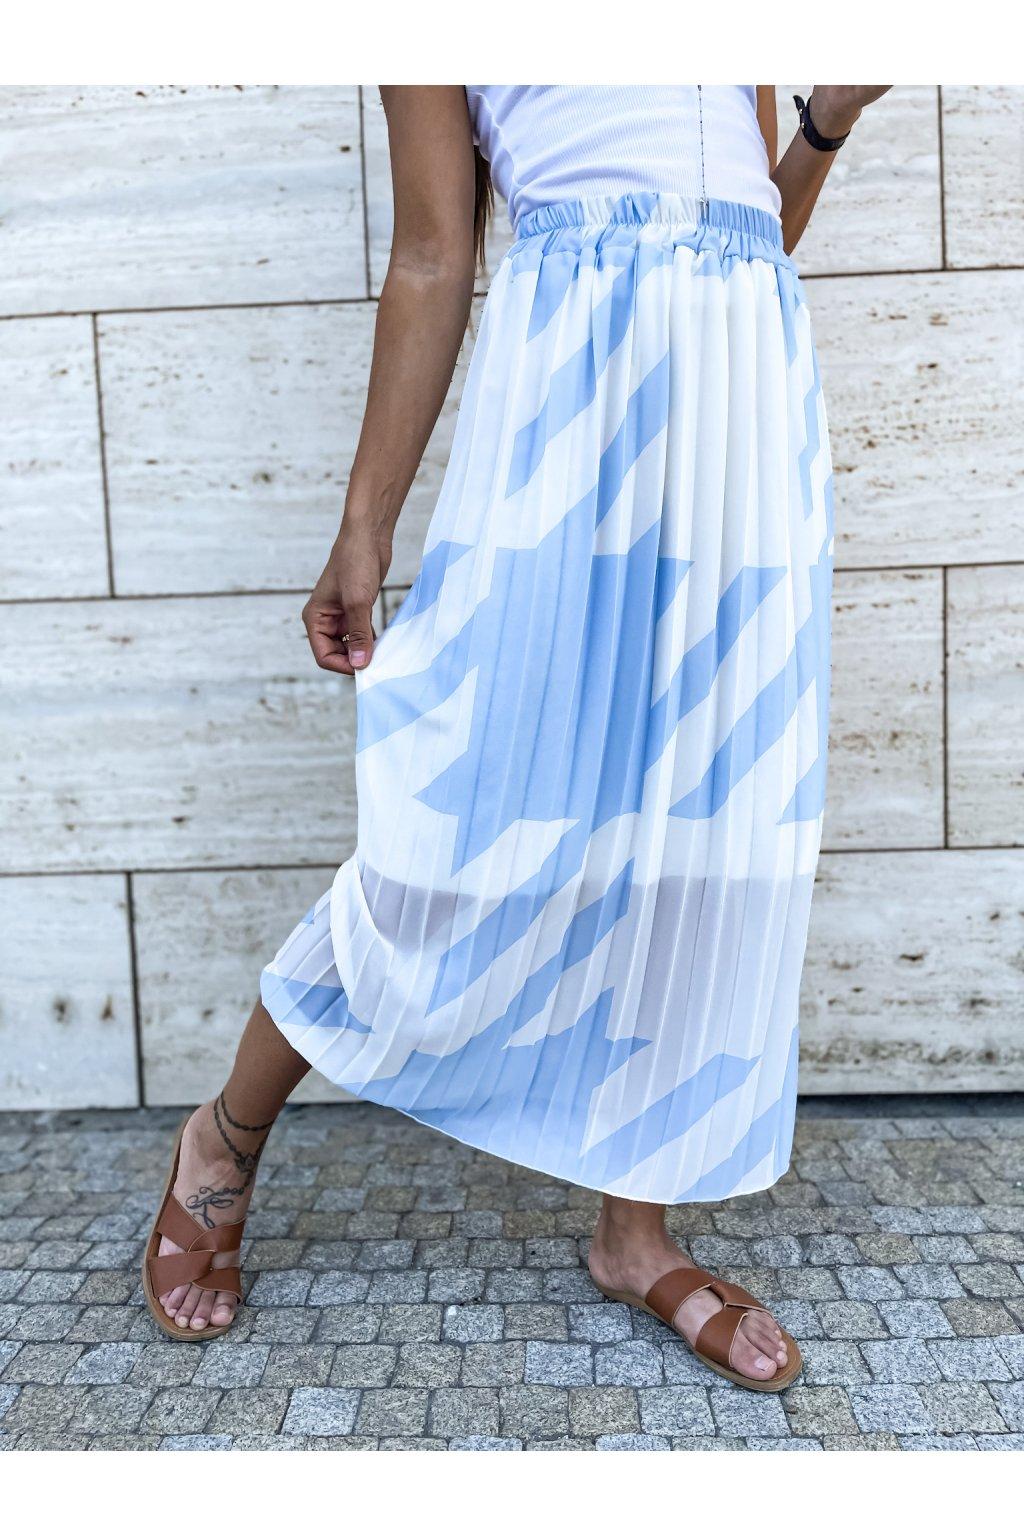 damska sukne lior blue eshopat cz 1